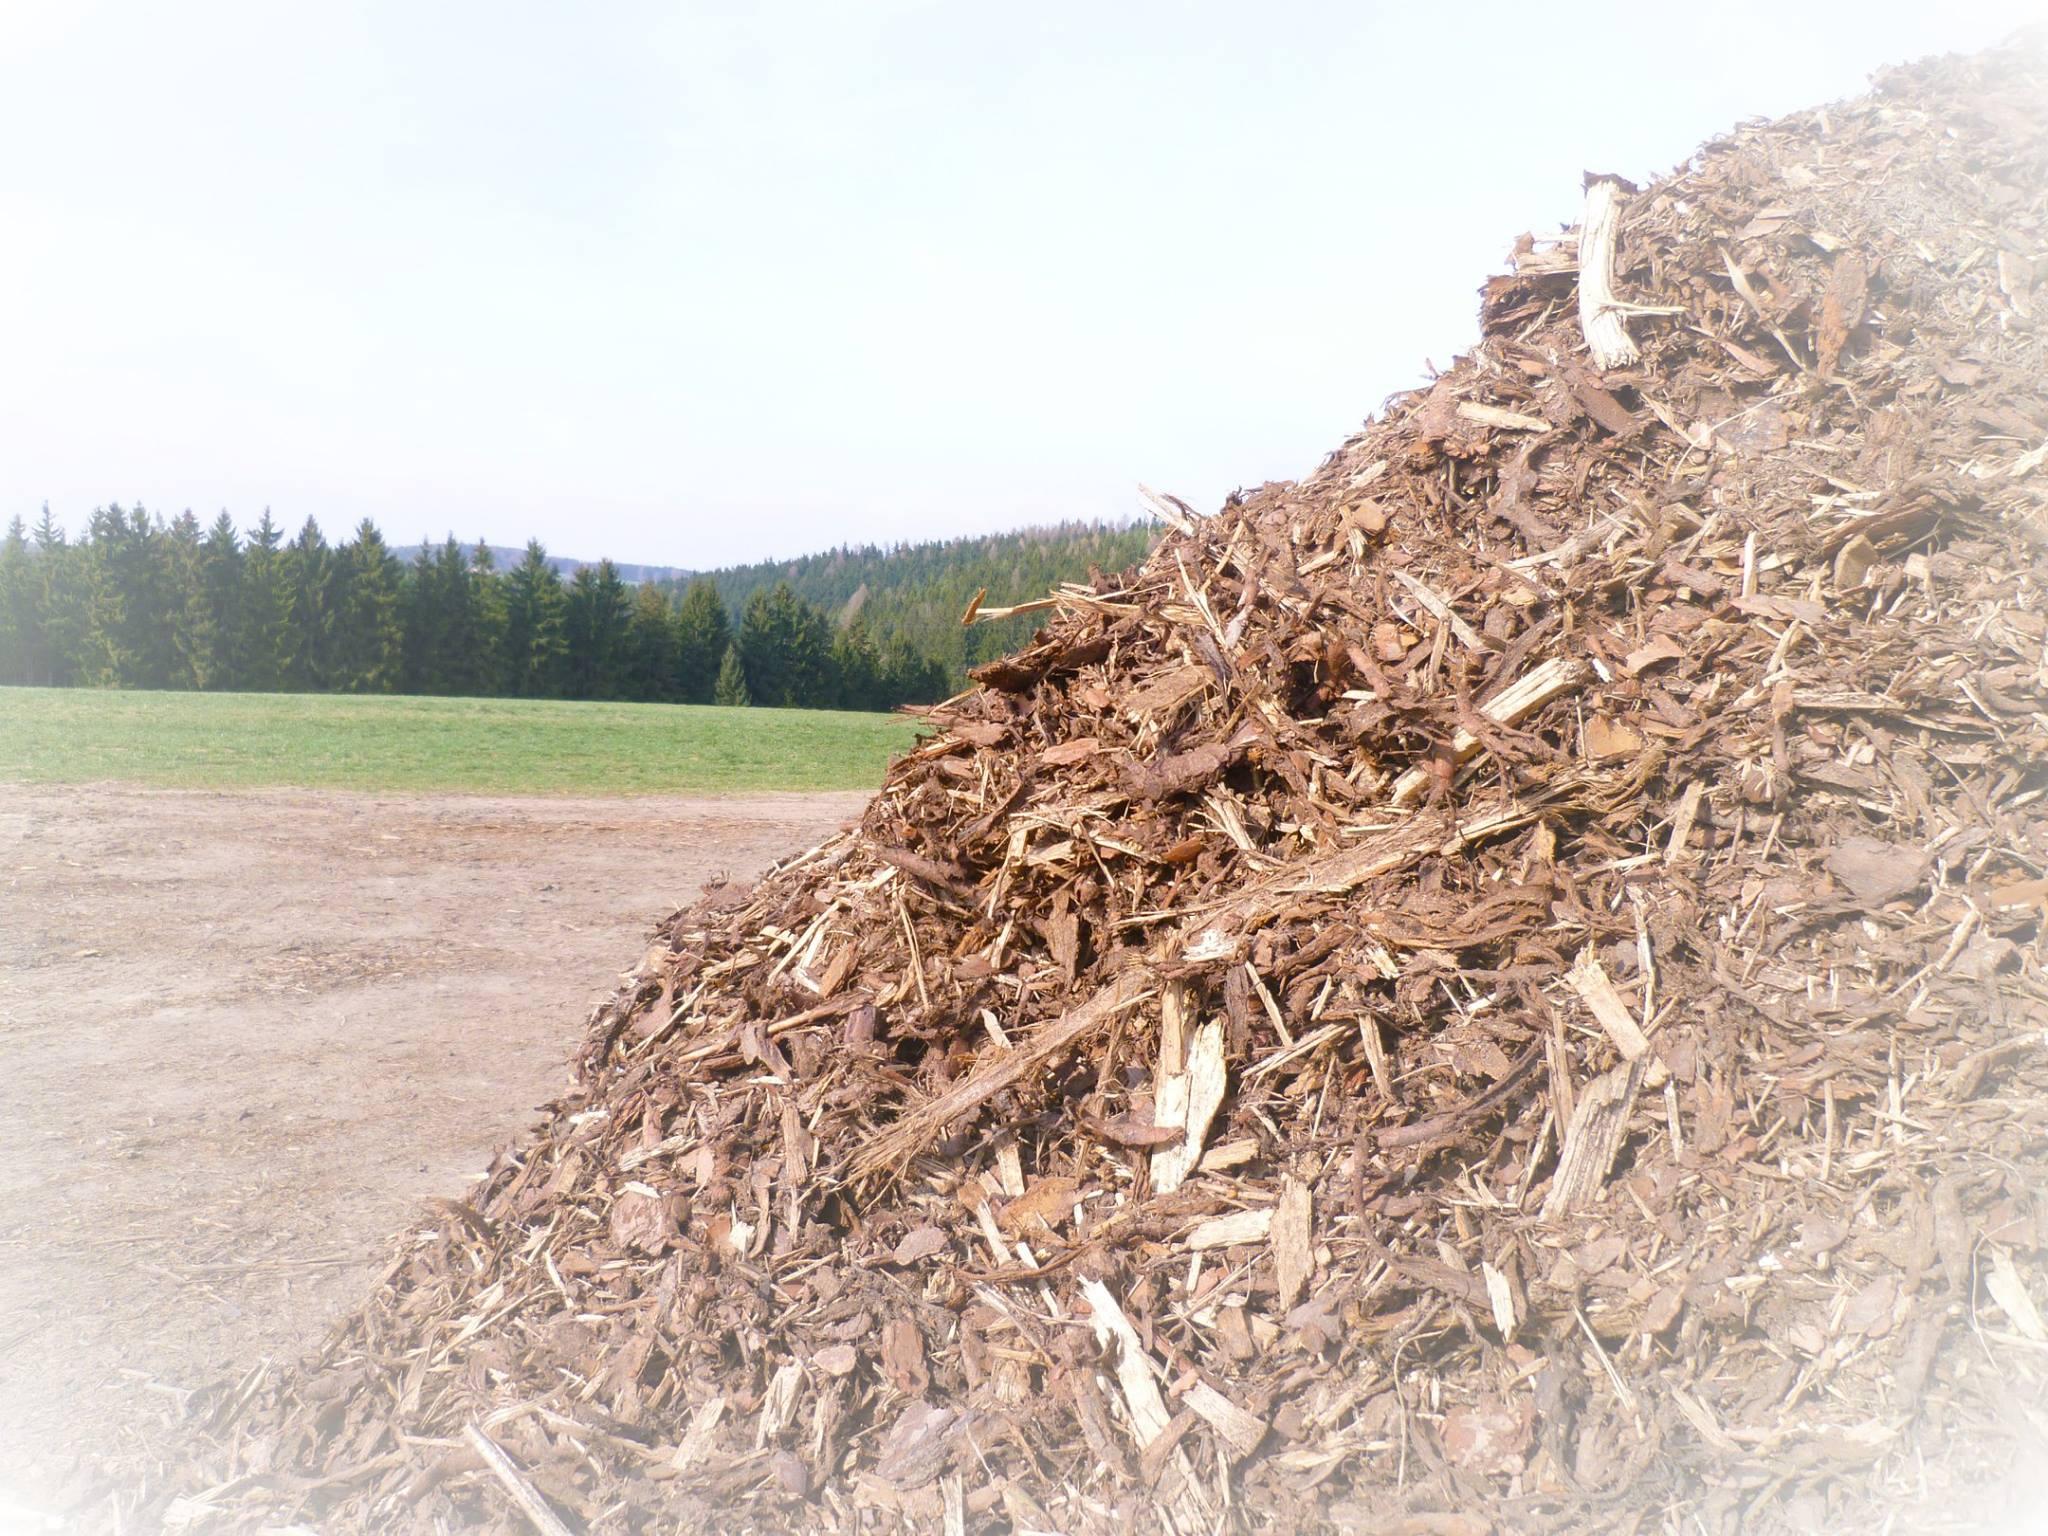 Prodej mulčovací kůry, vývoz klestu či výkup dřevních odpadů